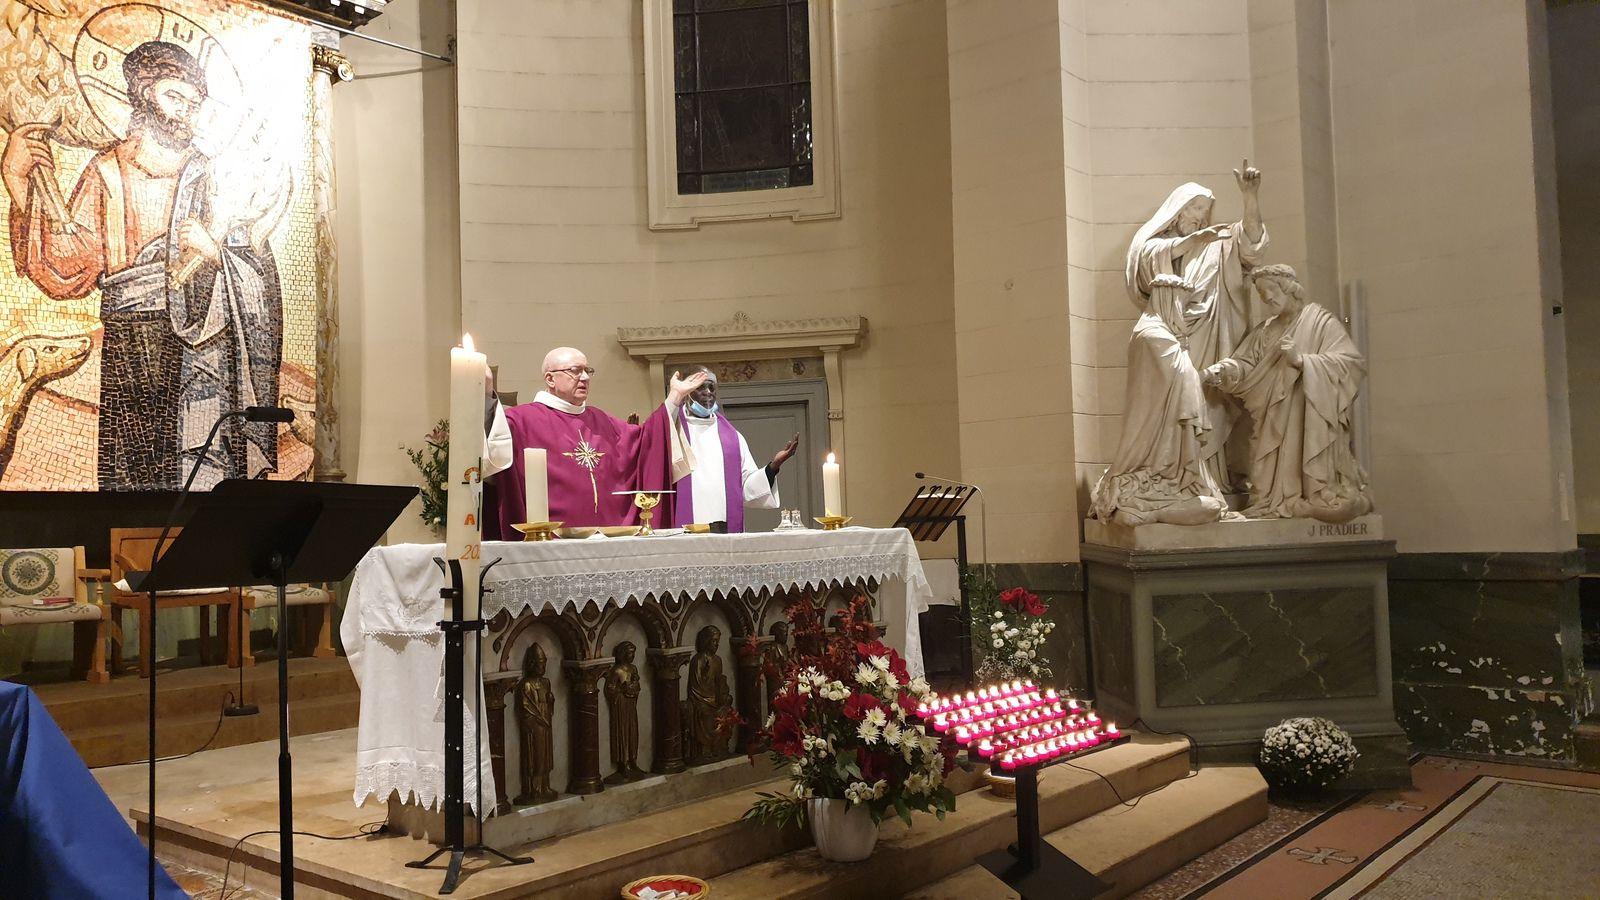 Chemin de deuil, chemin d'espérance - Homélie du Père Marc Piallat du 2 novembre 2020